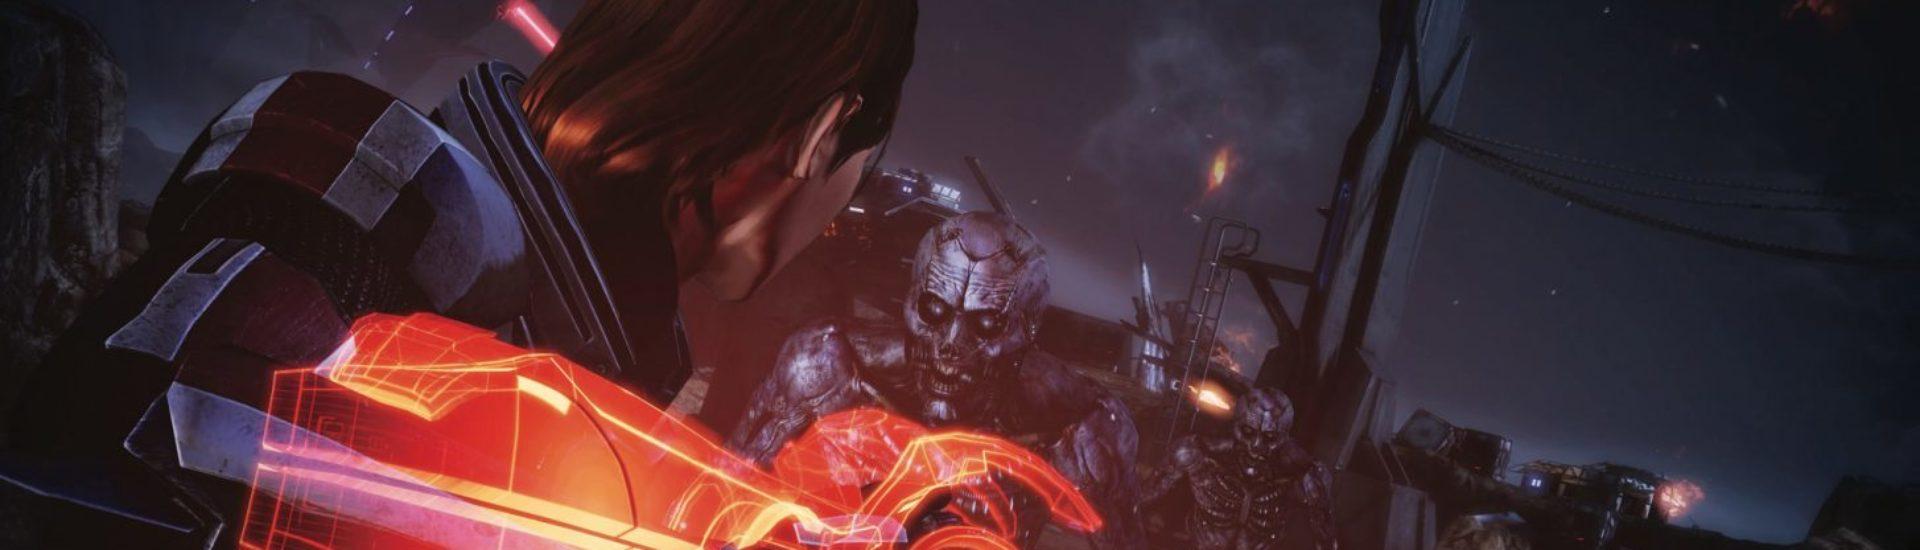 Mass Effect Legendary Edition: Absurder Glitsch und grafische Verbesserungen